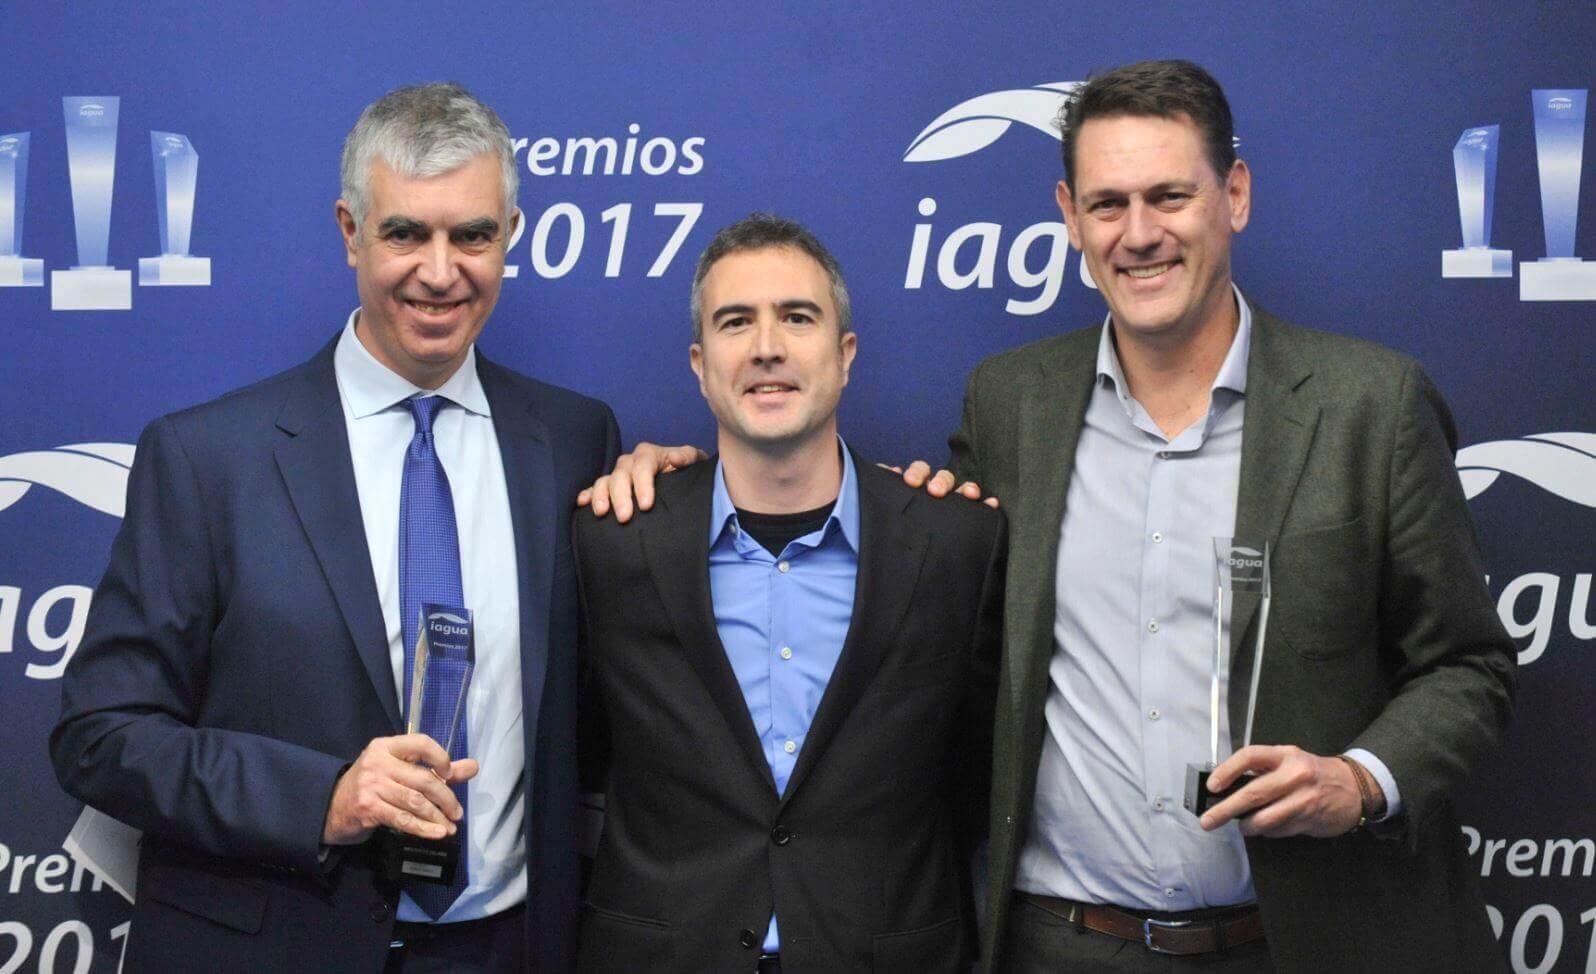 Premio de Influencer iagua 2017